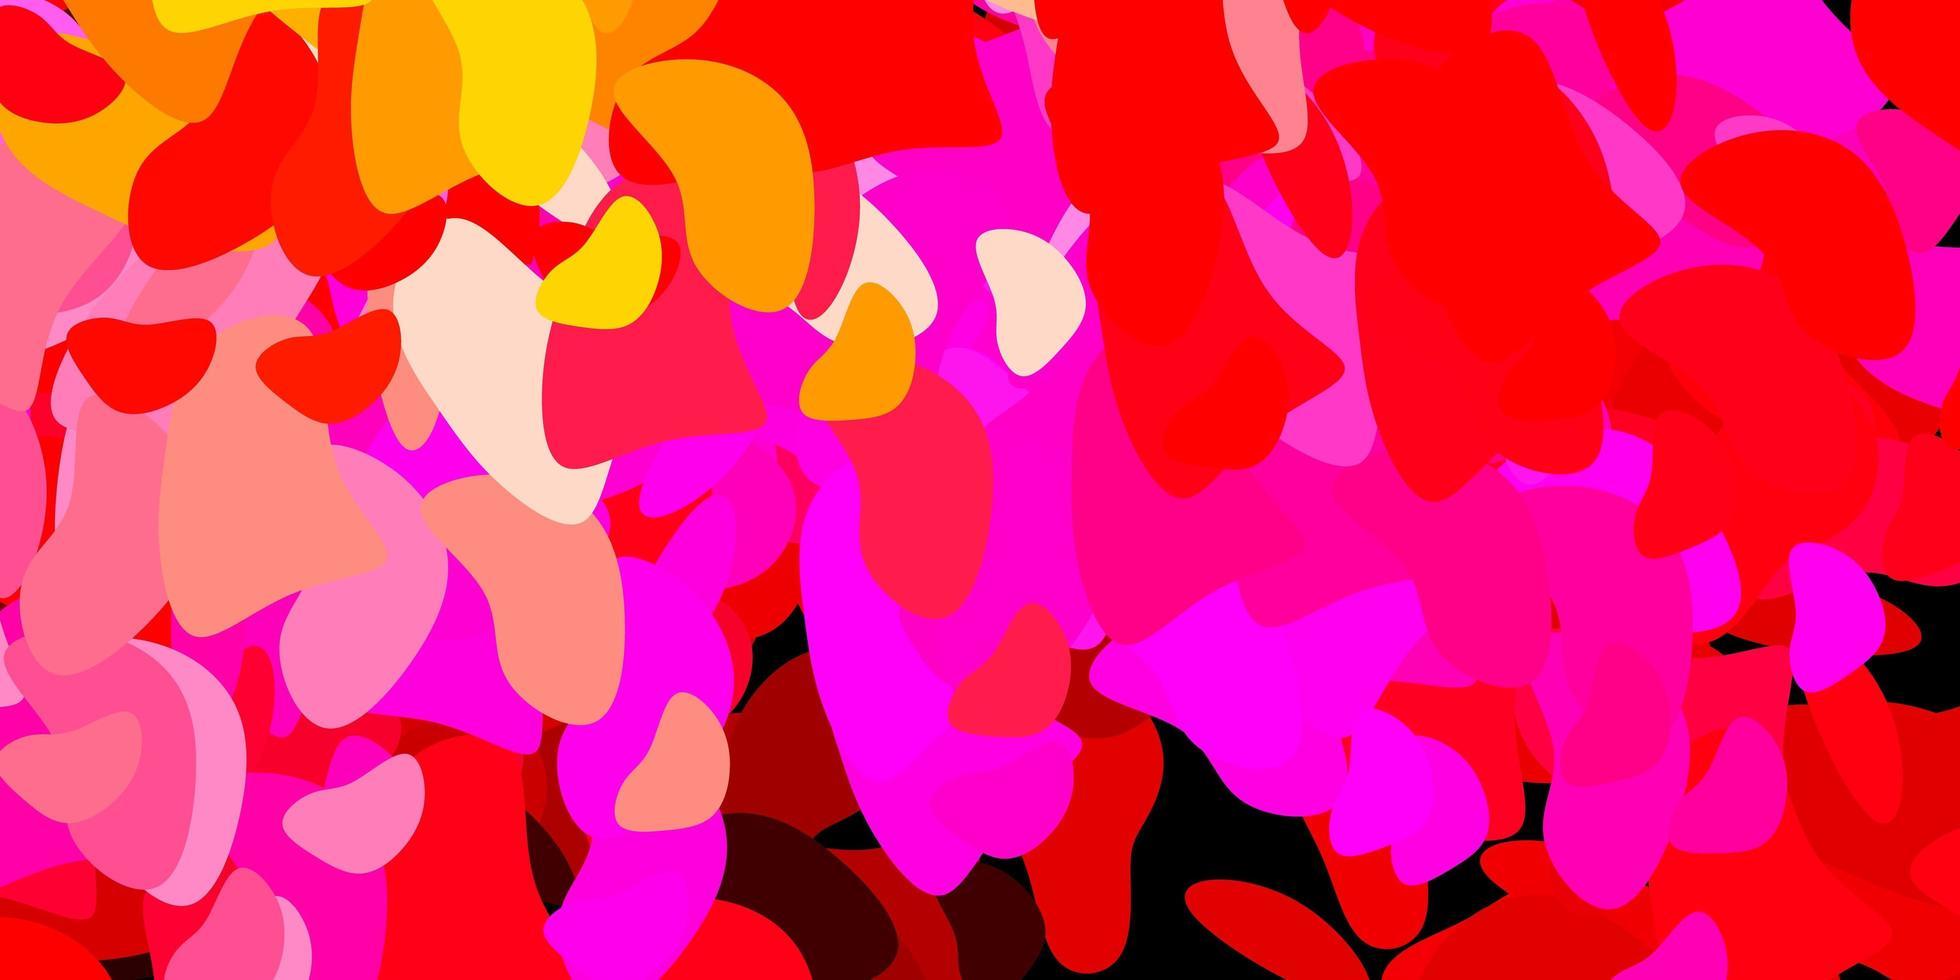 modello vettoriale rosa chiaro, giallo con forme astratte.